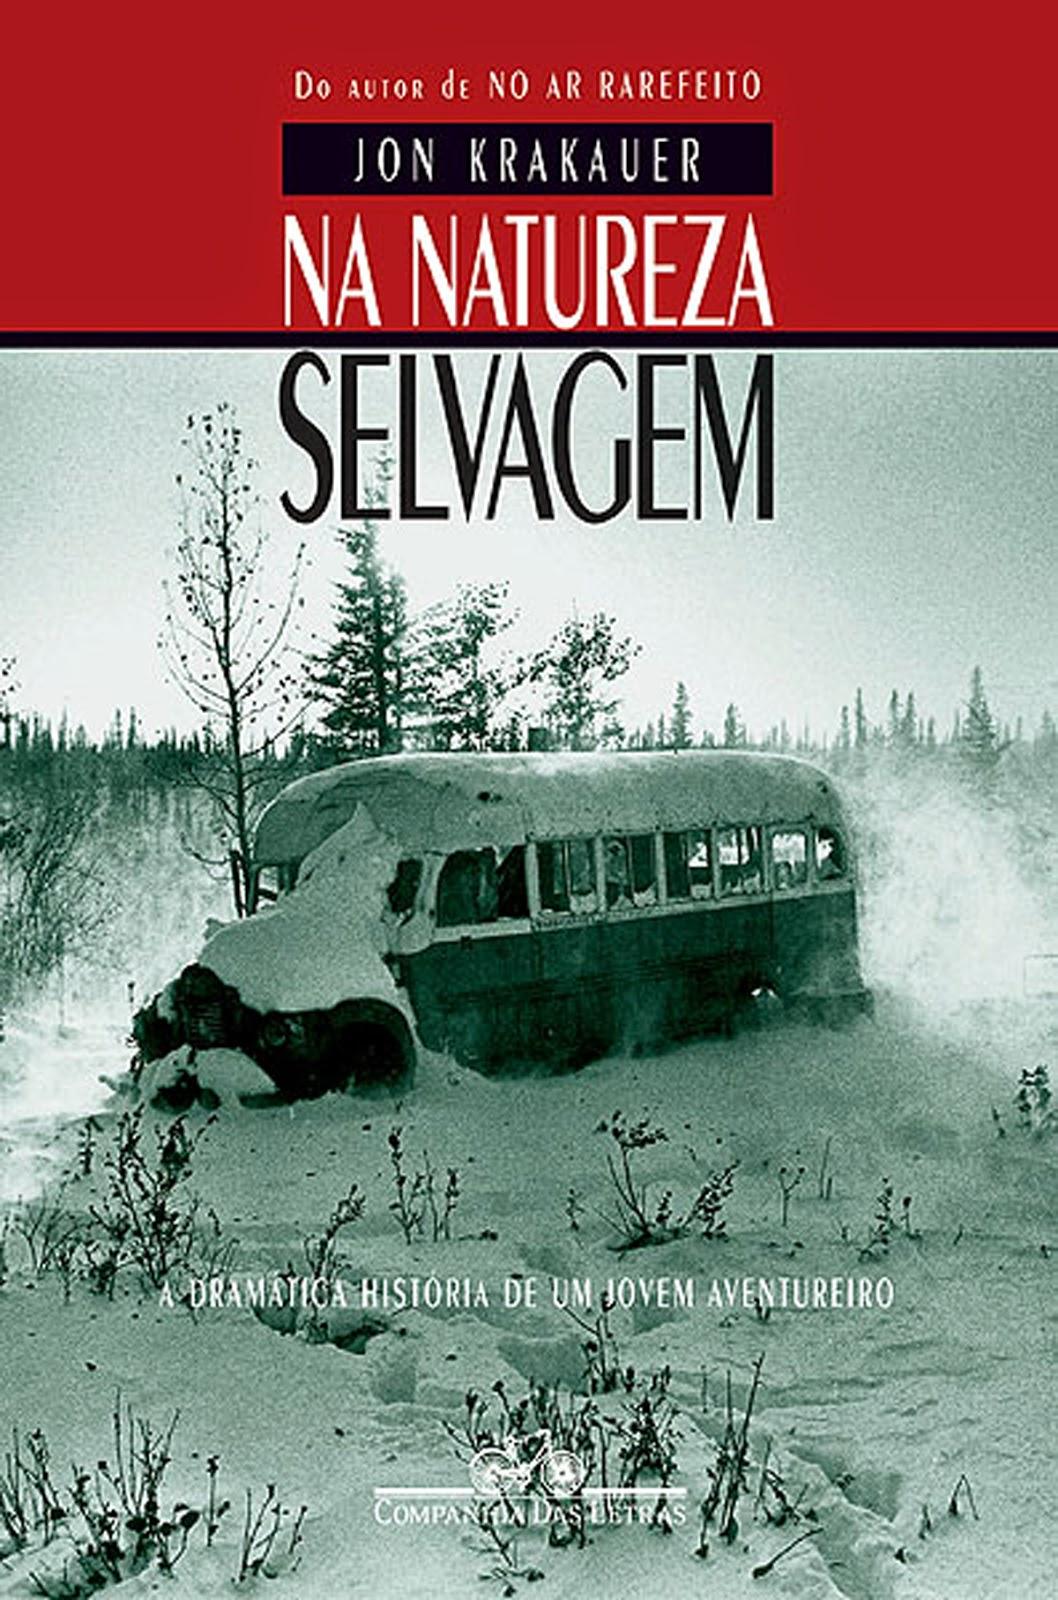 Natureza Selvagem Trailer Resenha na Natureza Selvagem